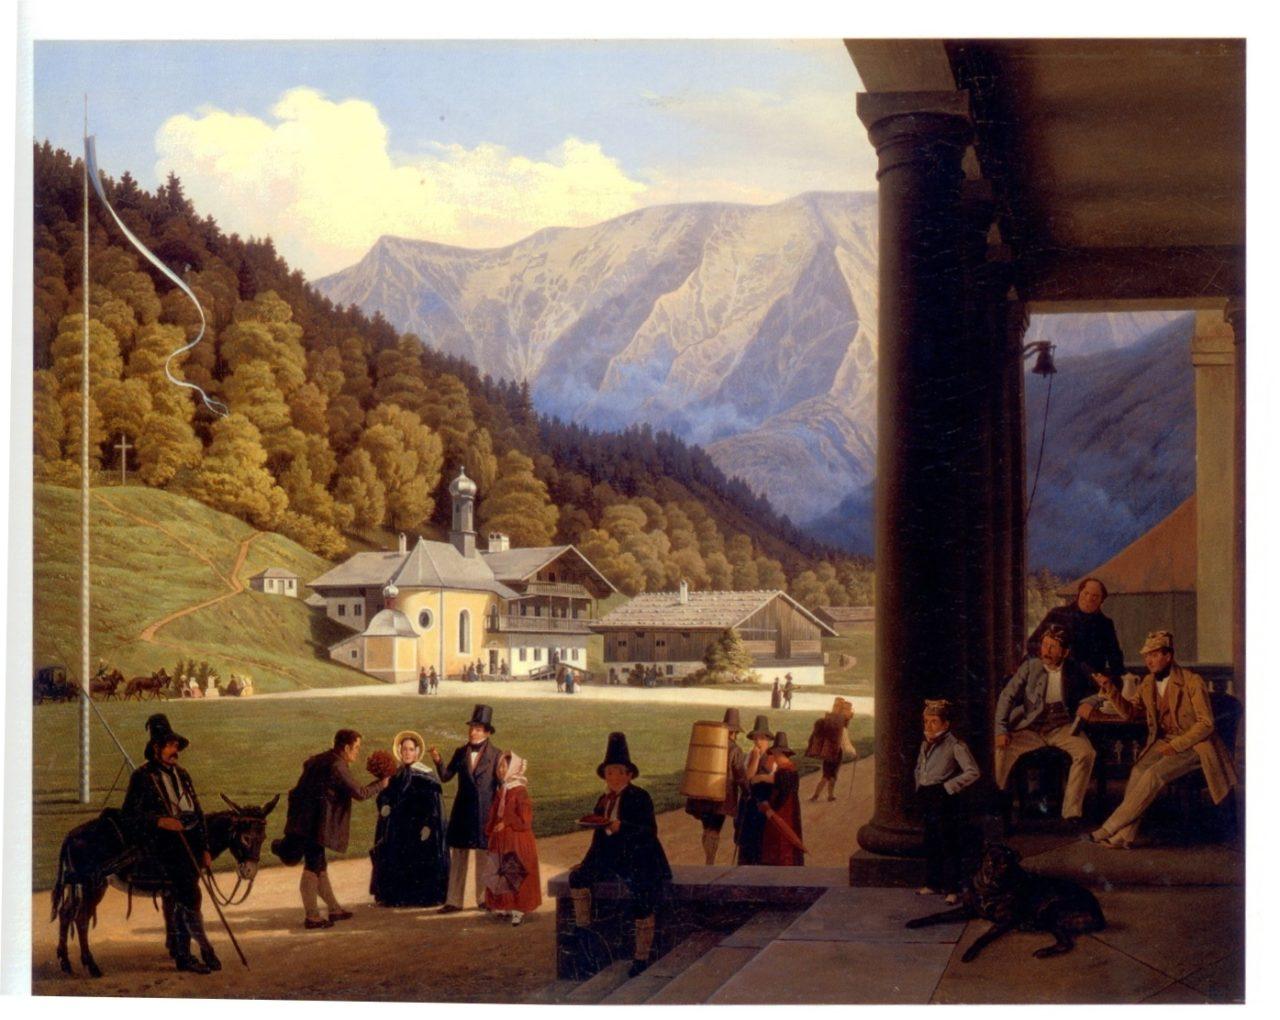 Wspomnienie z Kreuth, 1841, olej na płótnie, wymiary 63,5 x 79,7 cm, Christie's, London, 19th Century European art., 16.11.2006, s. 37, poz. kat. 24.